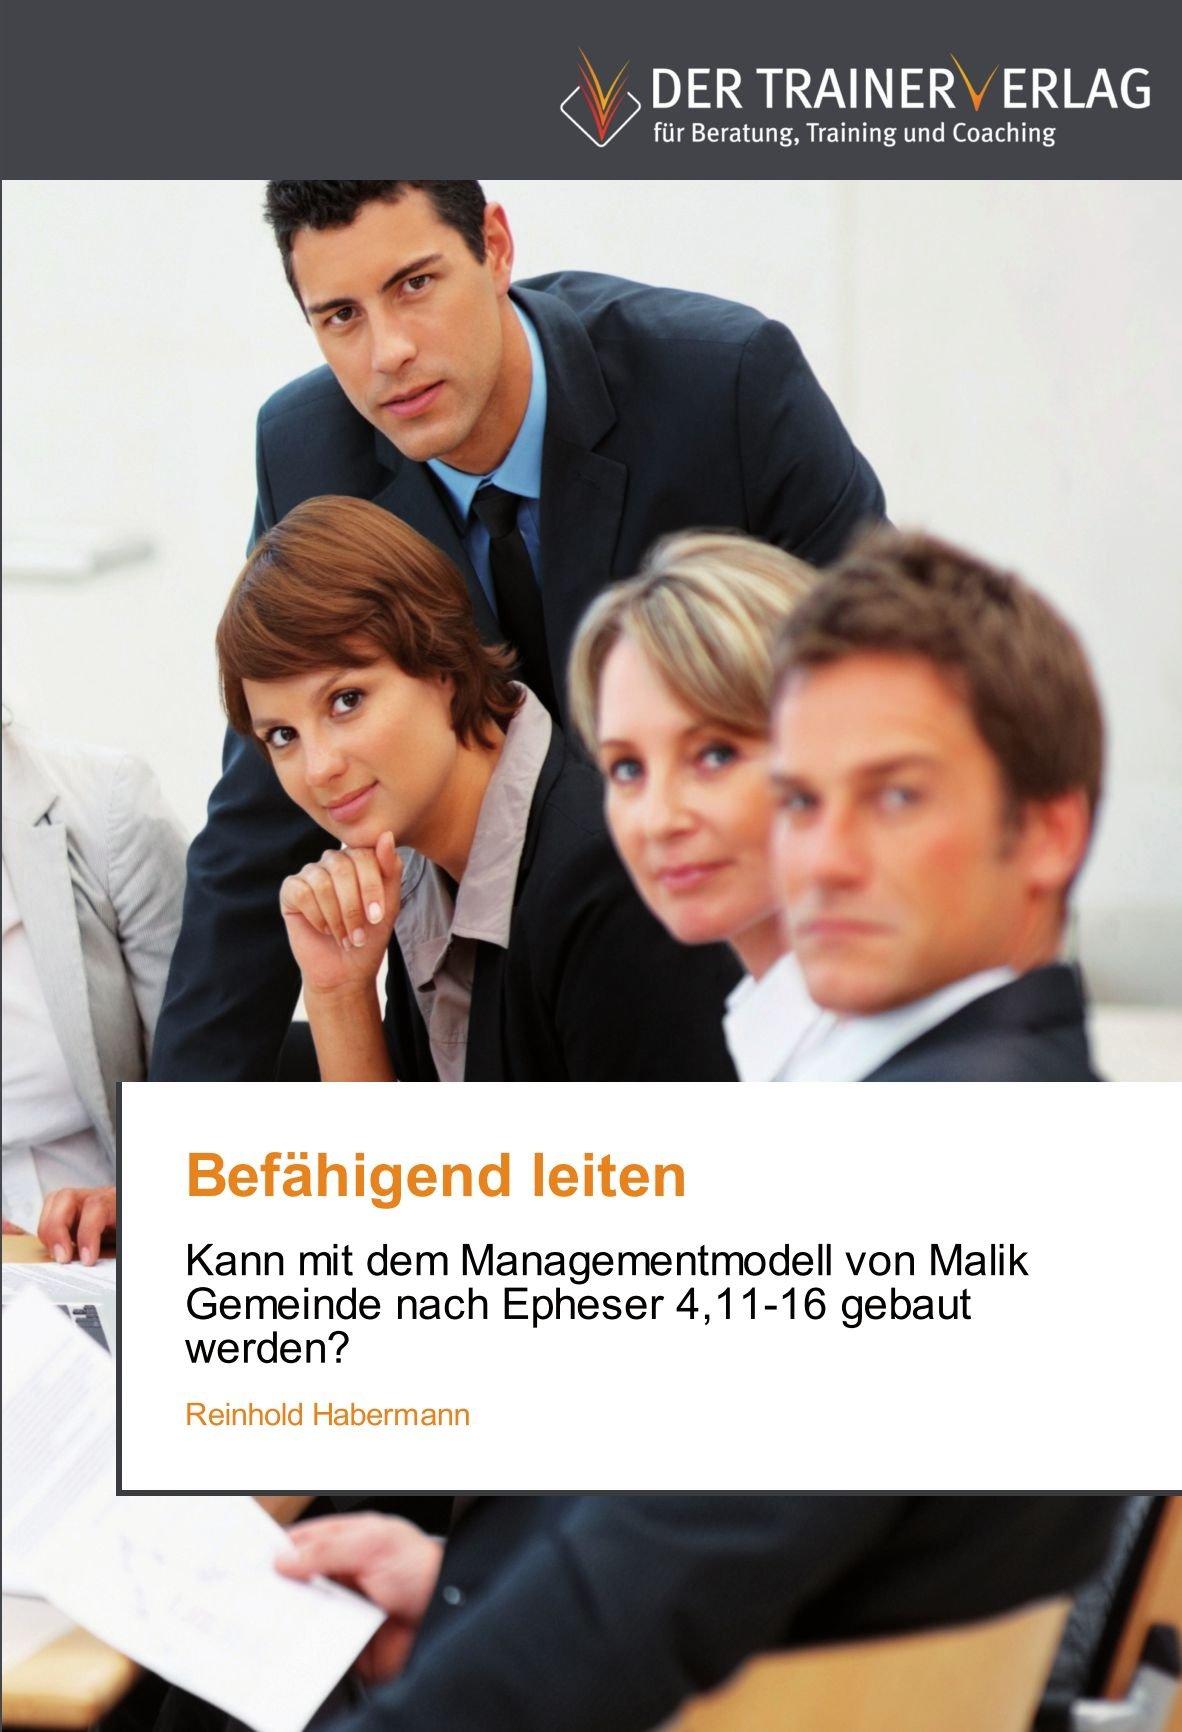 Befähigend leiten: Kann mit dem Managementmodell von Malik Gemeinde nach Epheser 4,11-16 gebaut werden? (German Edition) pdf epub